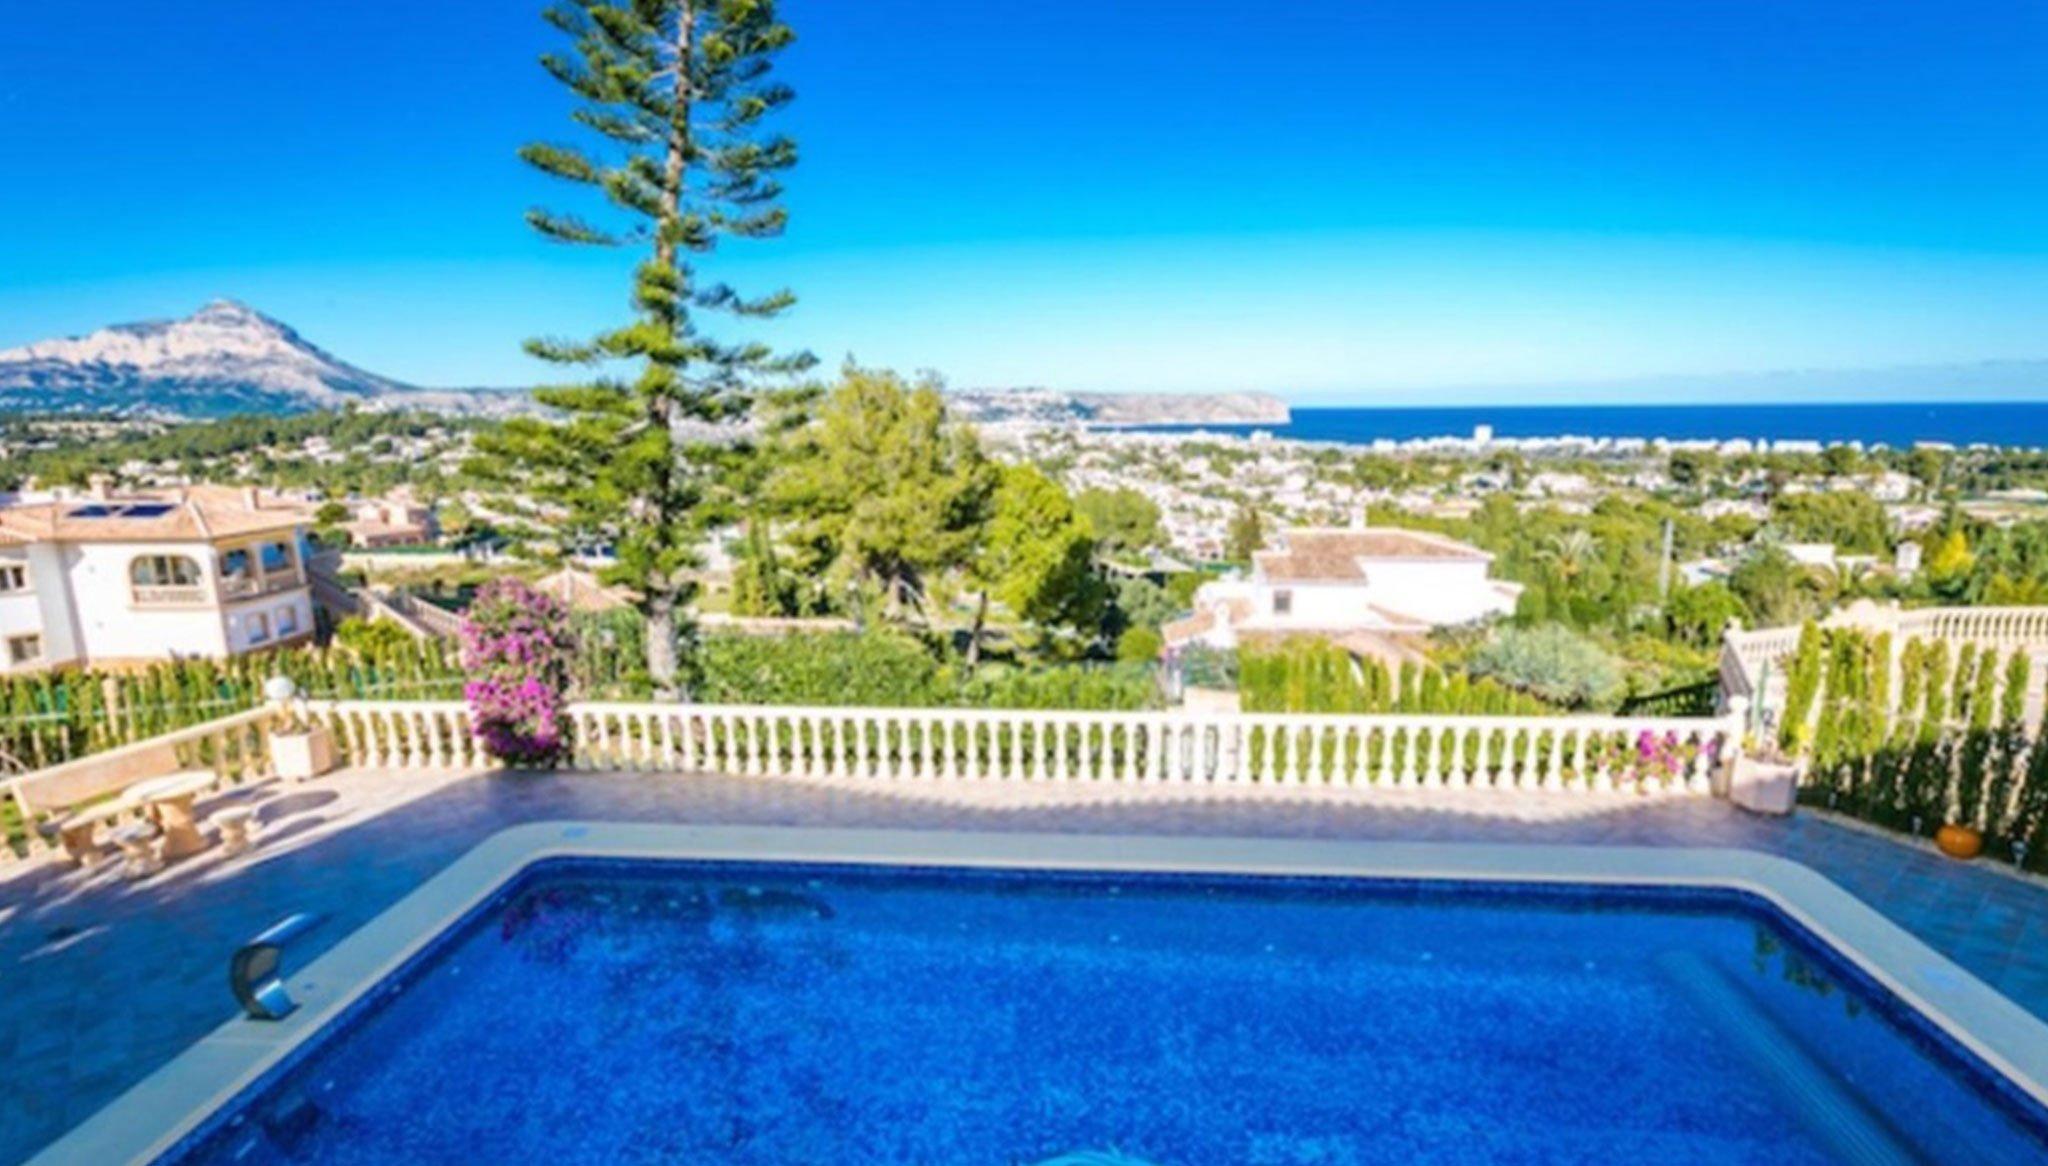 Vistas panorámicas a la bahía de Jávea desde una casa de alto standing en venta – Terramar Costa Blanca